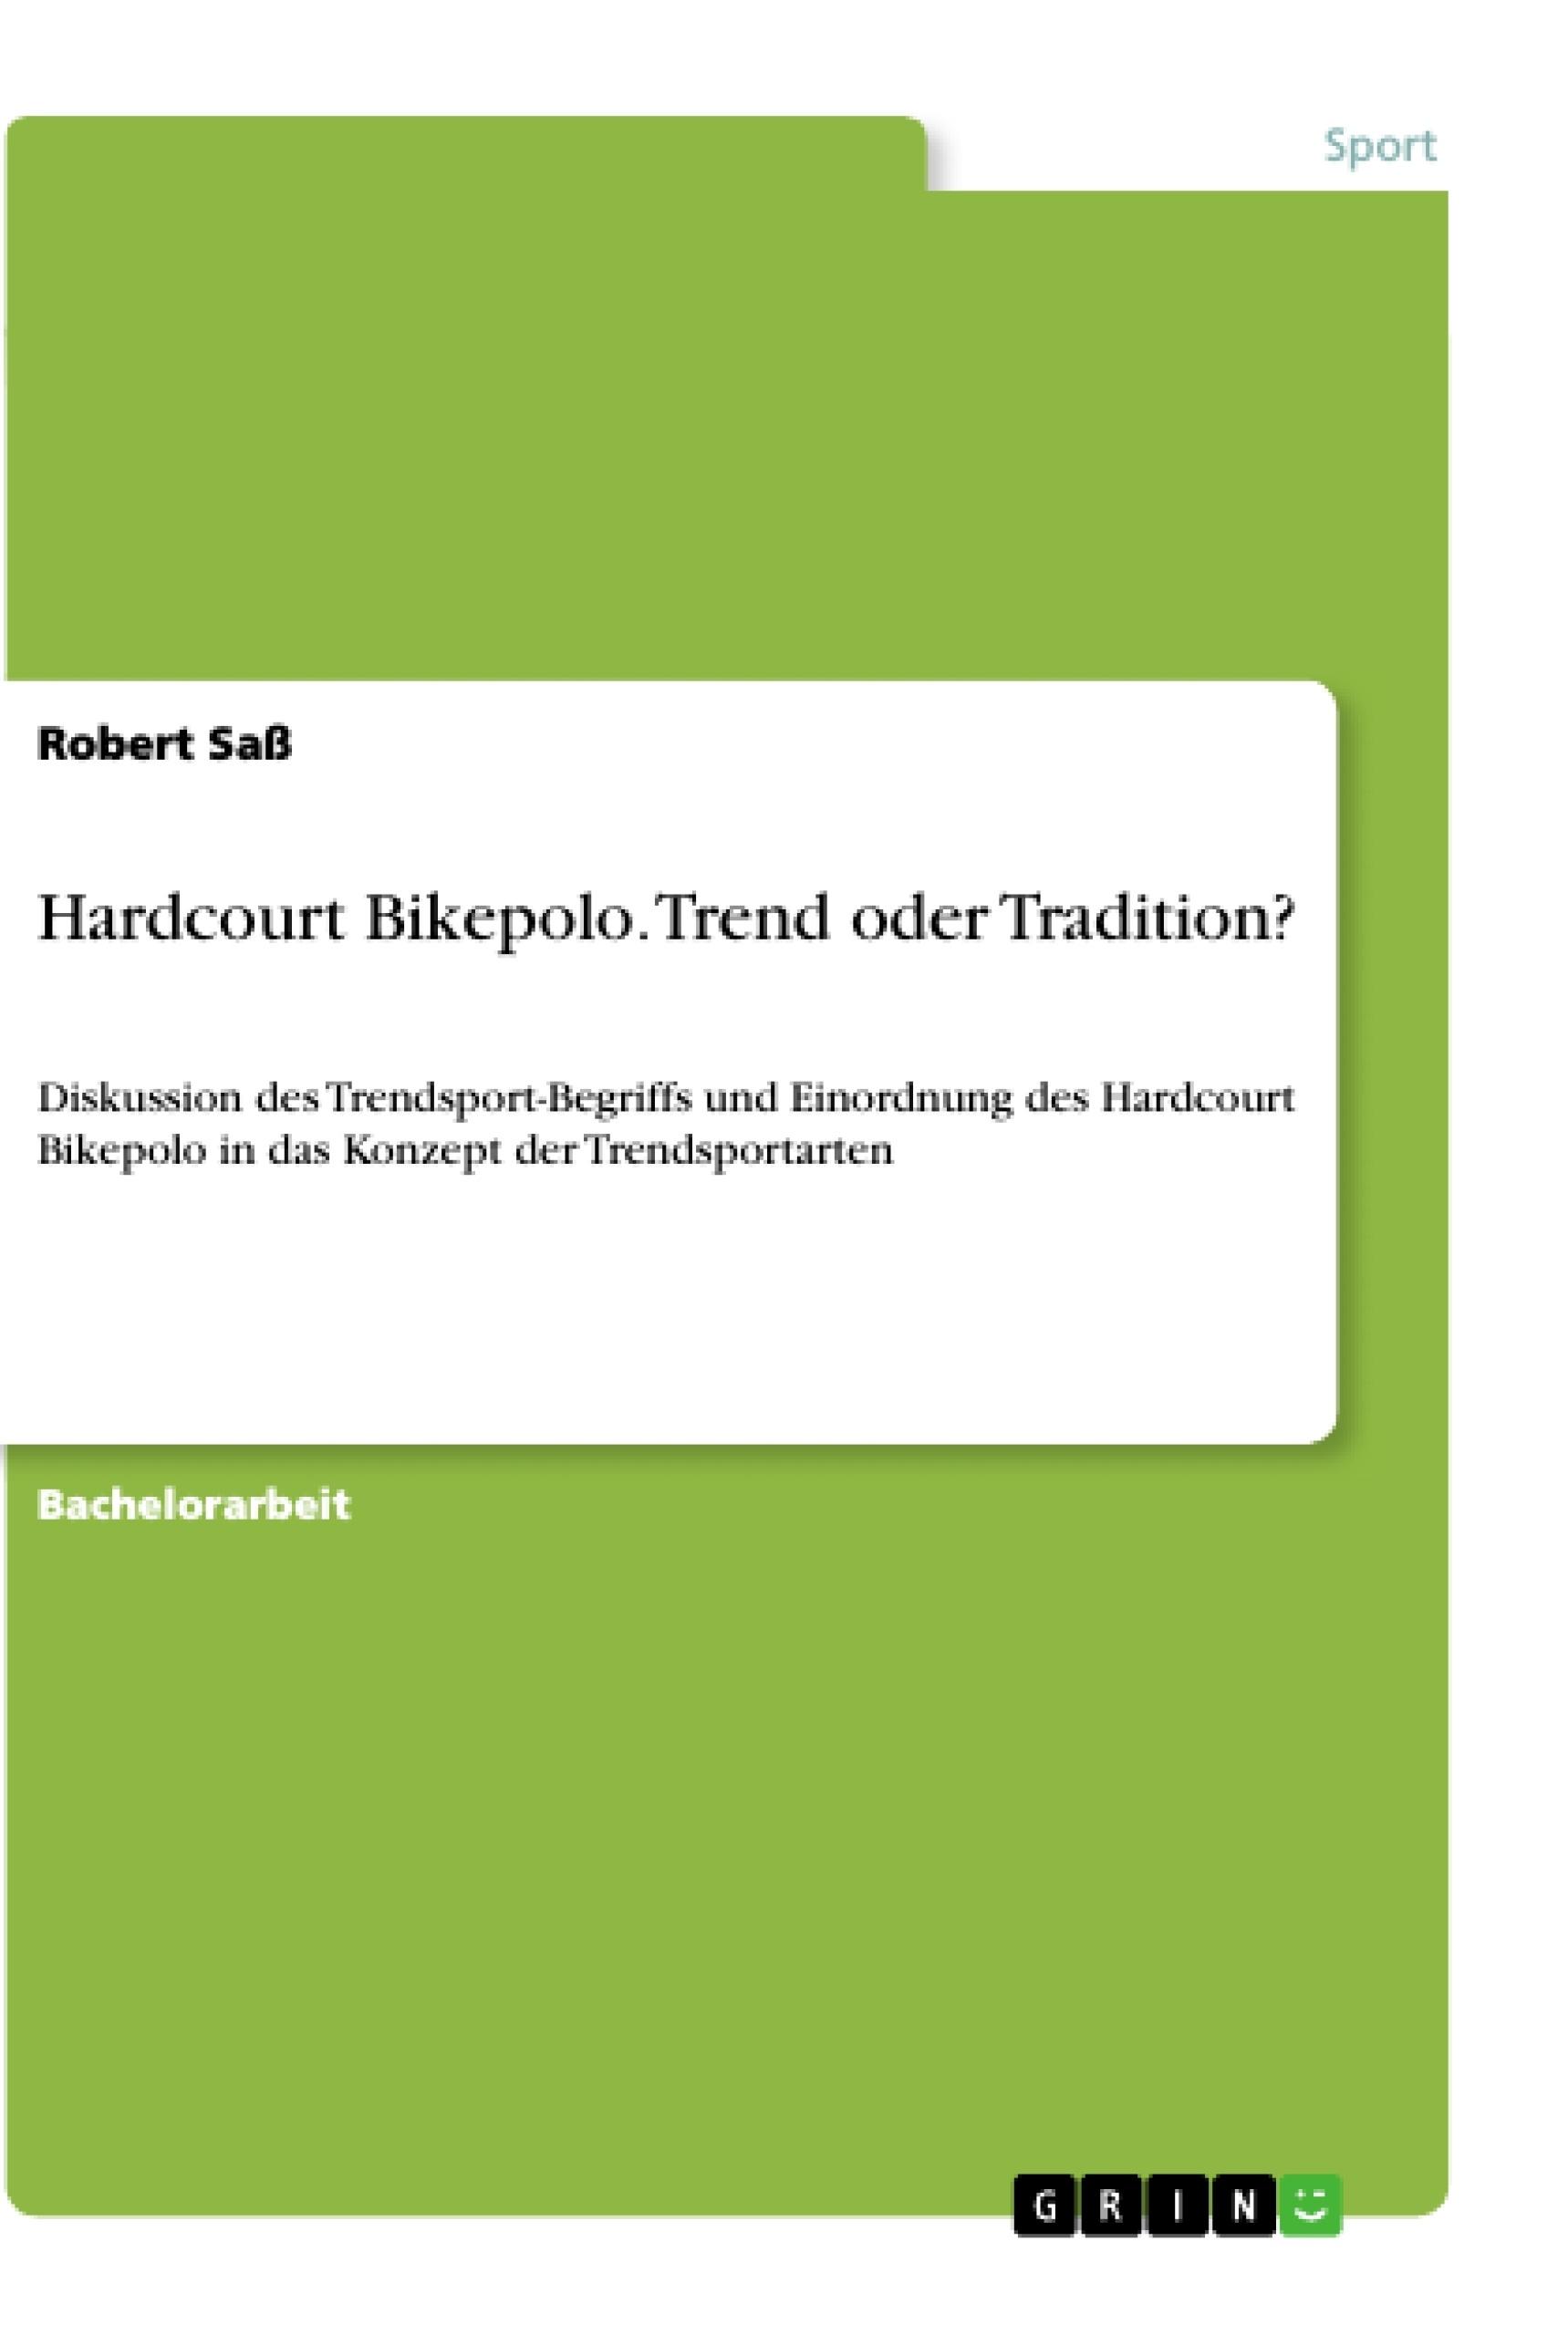 Titel: Hardcourt Bikepolo. Trend oder Tradition?